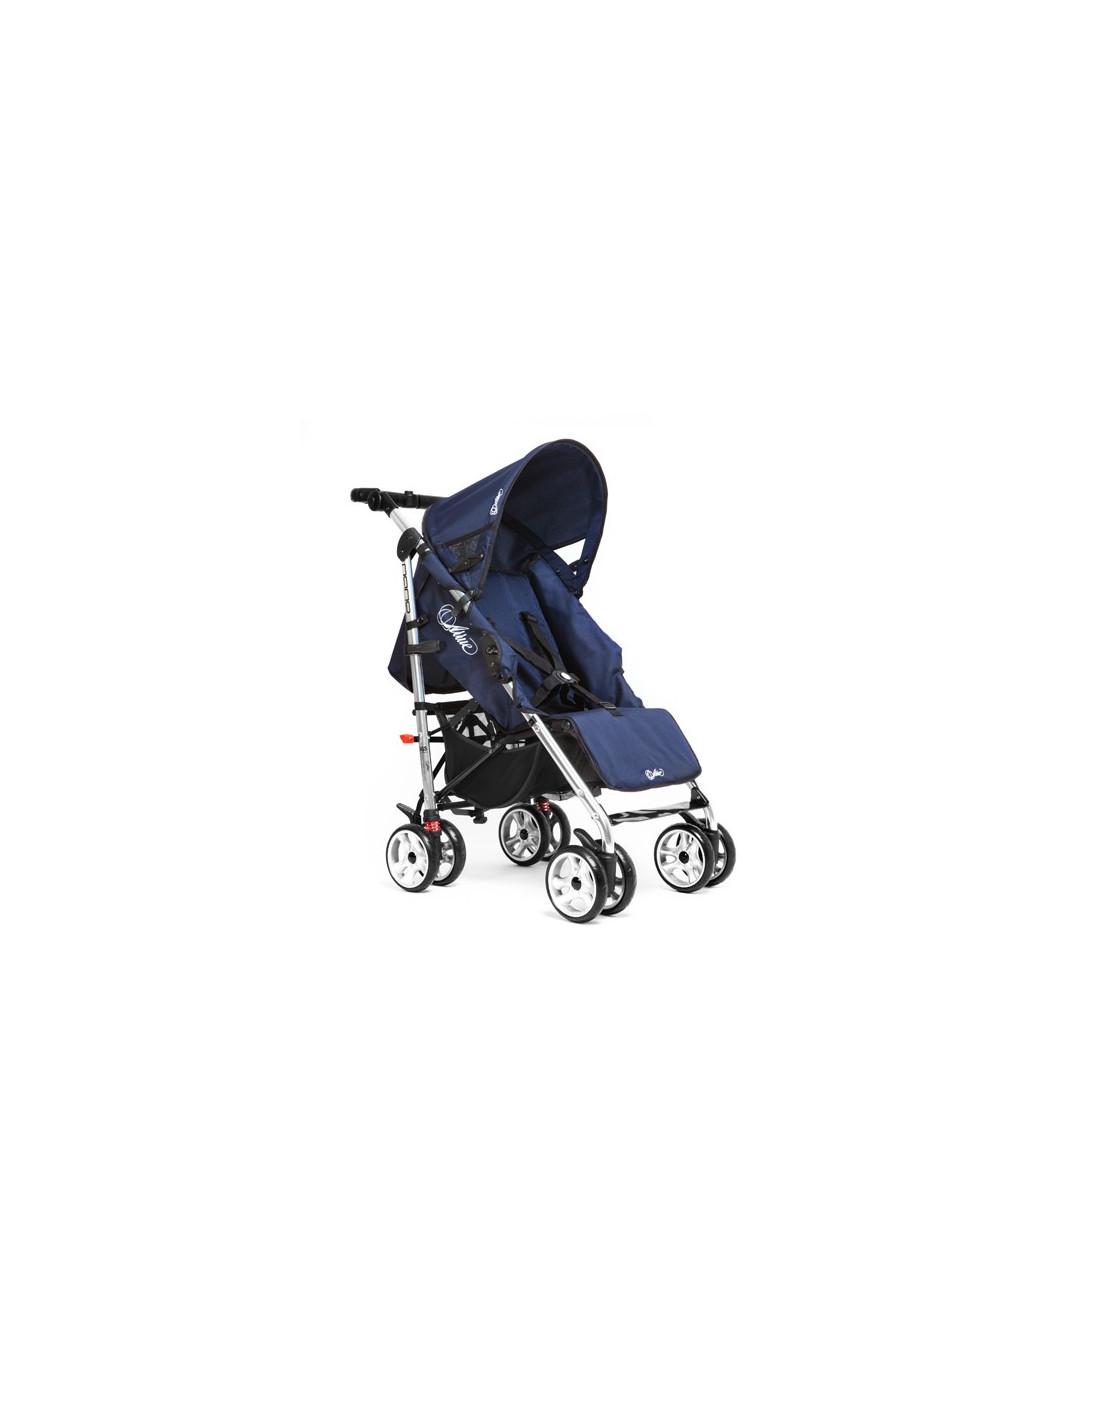 Silla de paseo nano de arrue la mejor para tu beb - Mejor silla de paseo ocu ...